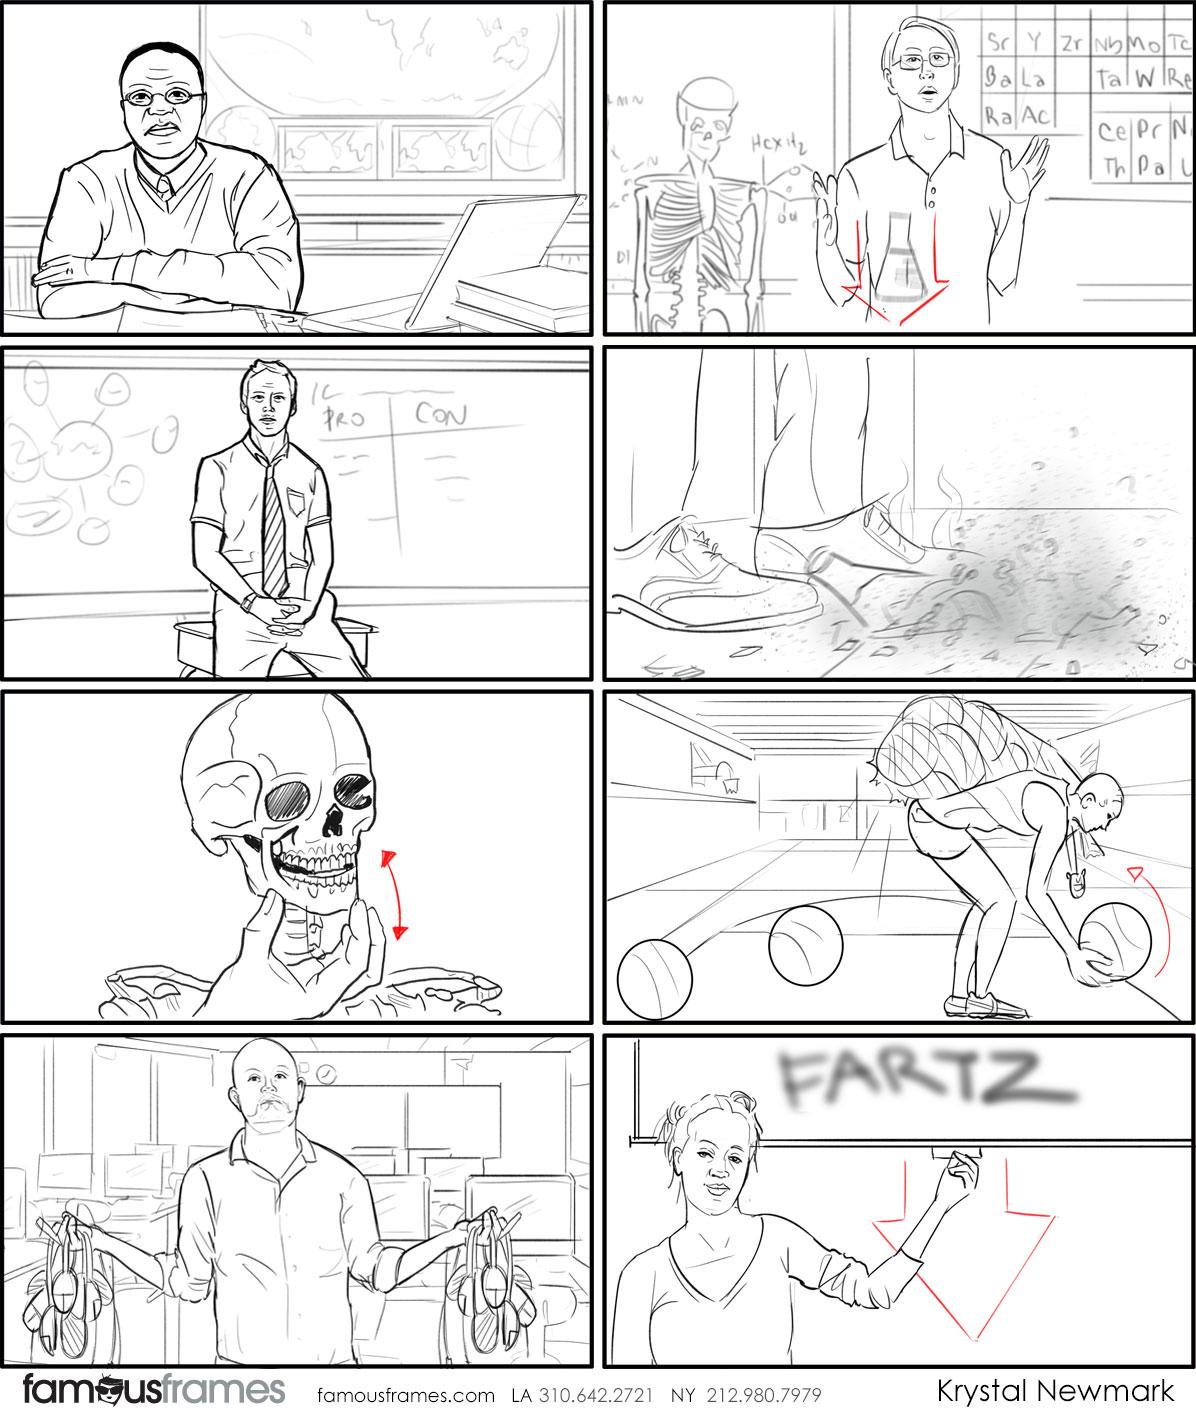 Krystal Newmark's People - B&W Line storyboard art (Image #5666_114_1507847119)